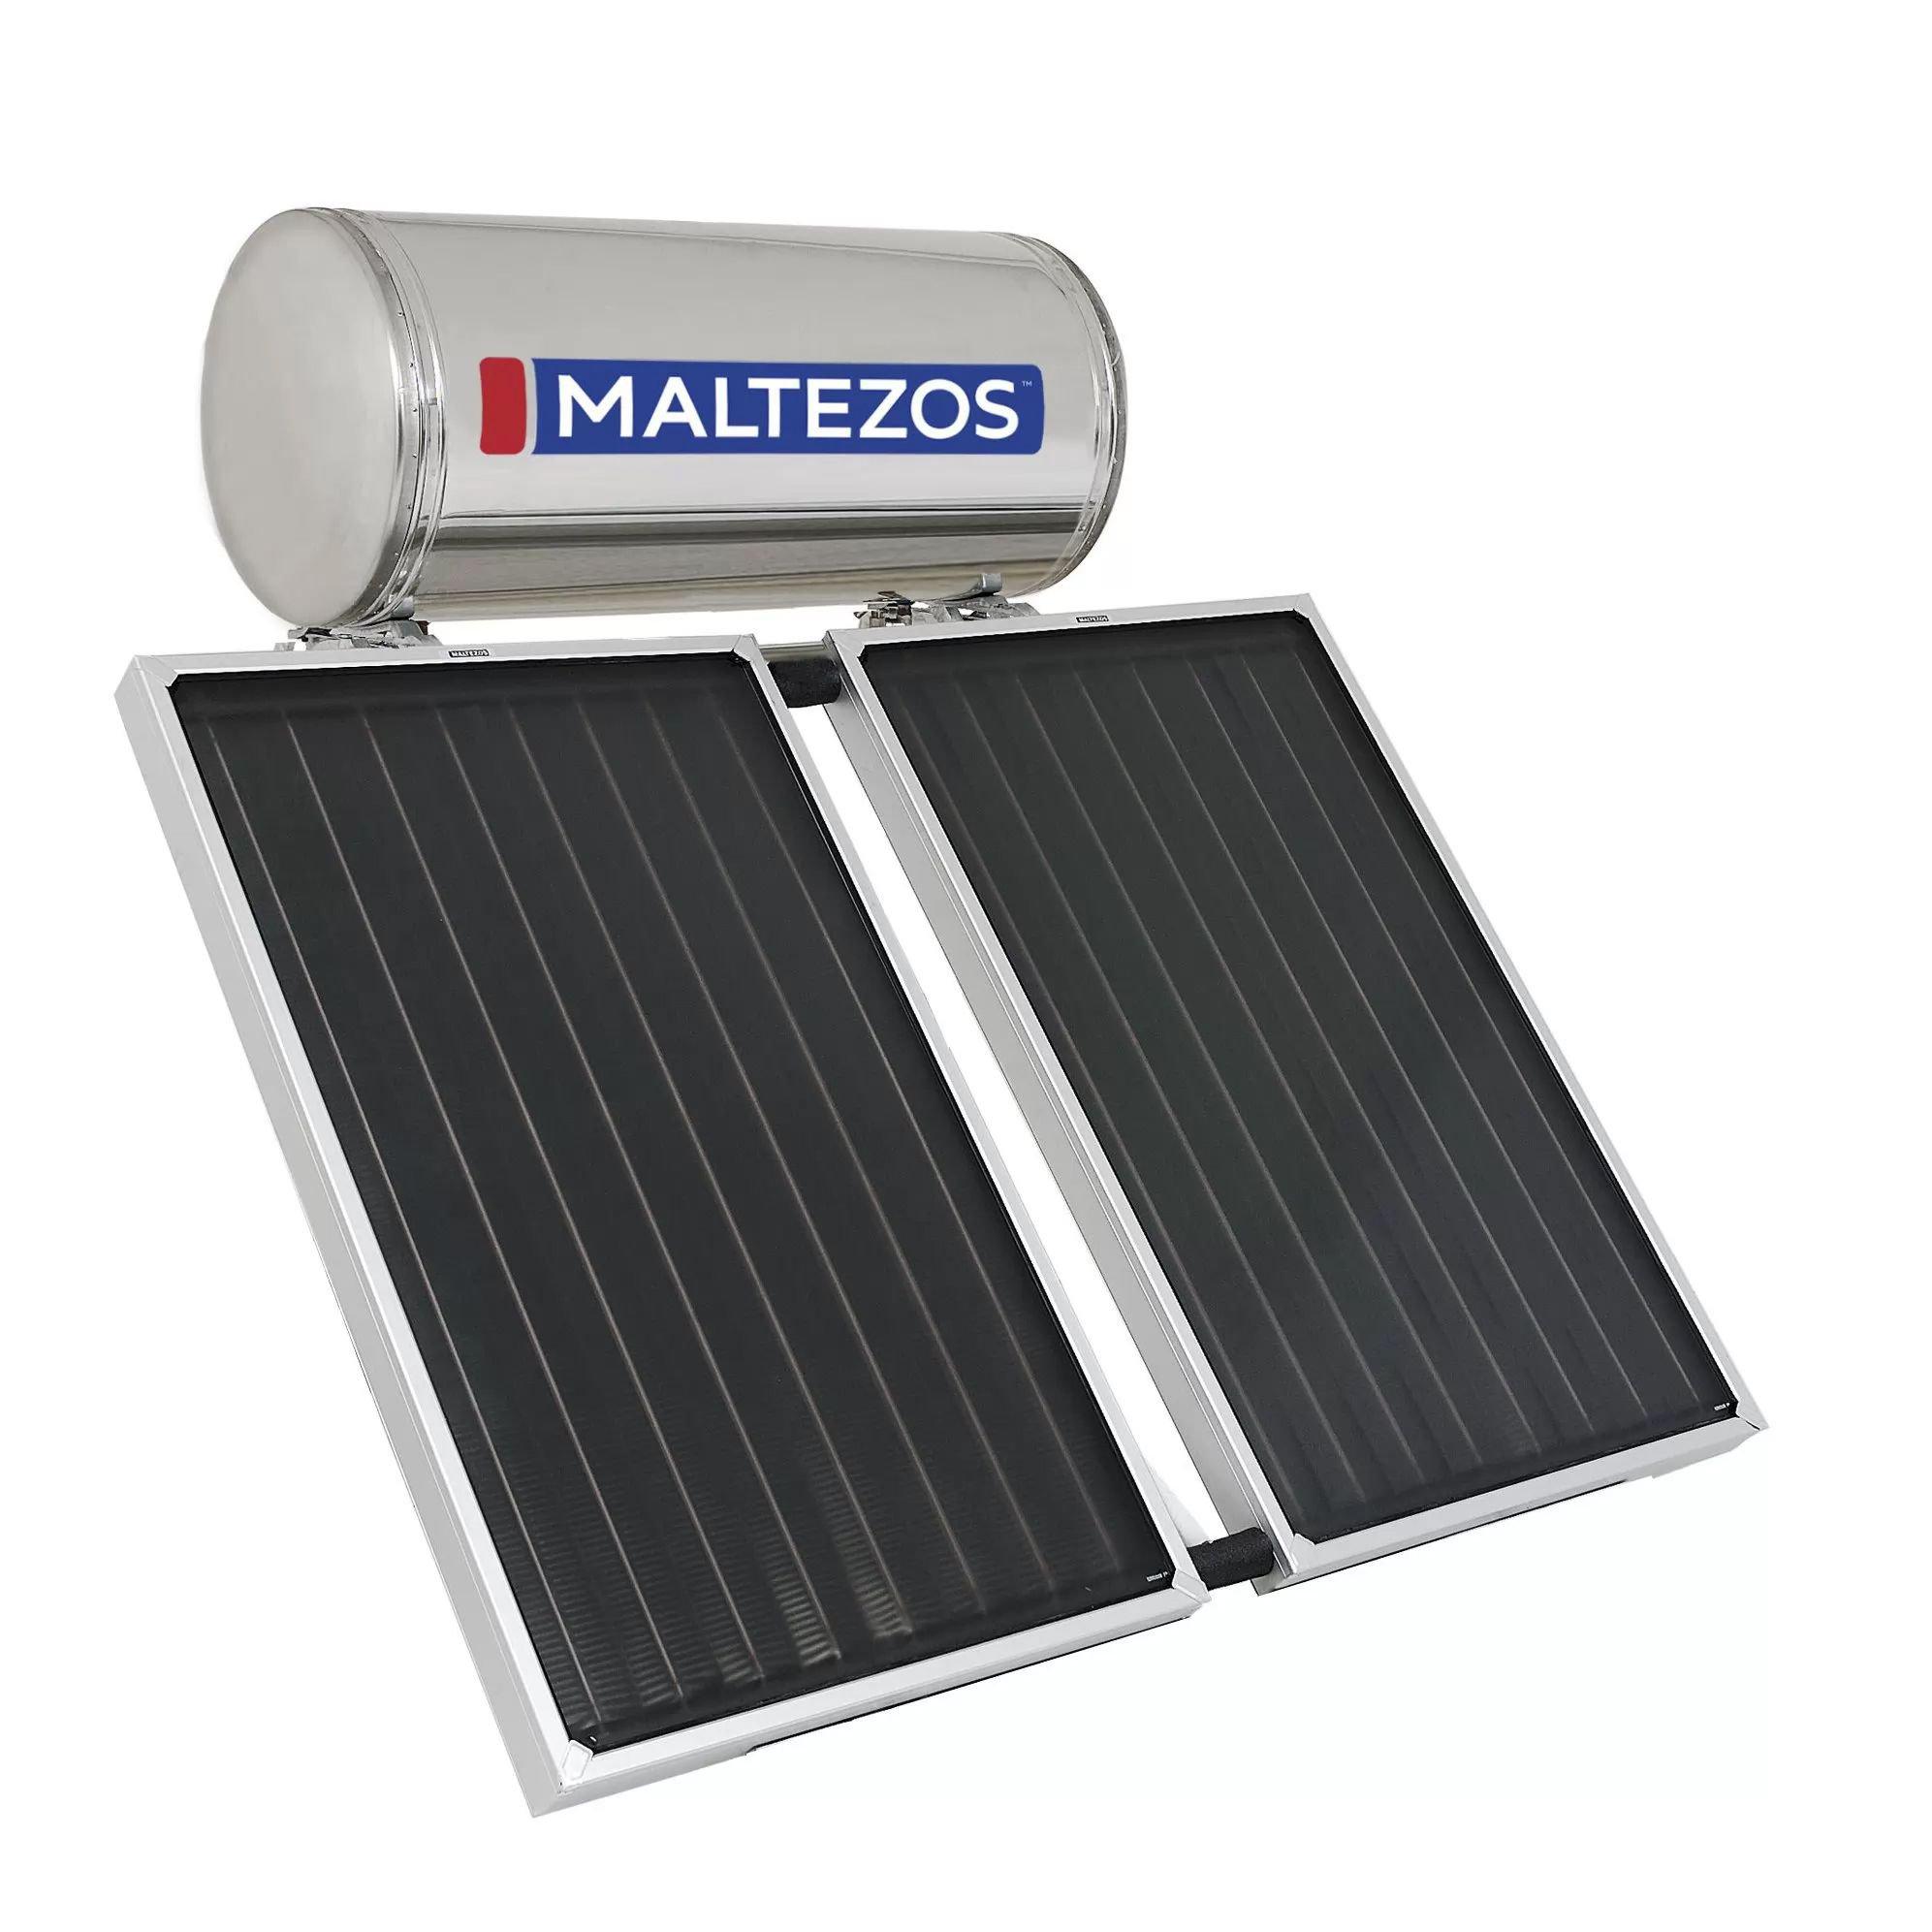 MALTEZOS MALT H 300Lt INOX Διπλής Ενεργείας 2 Επιλεκτικοι Συλλέκτες  2 SAC 130x150